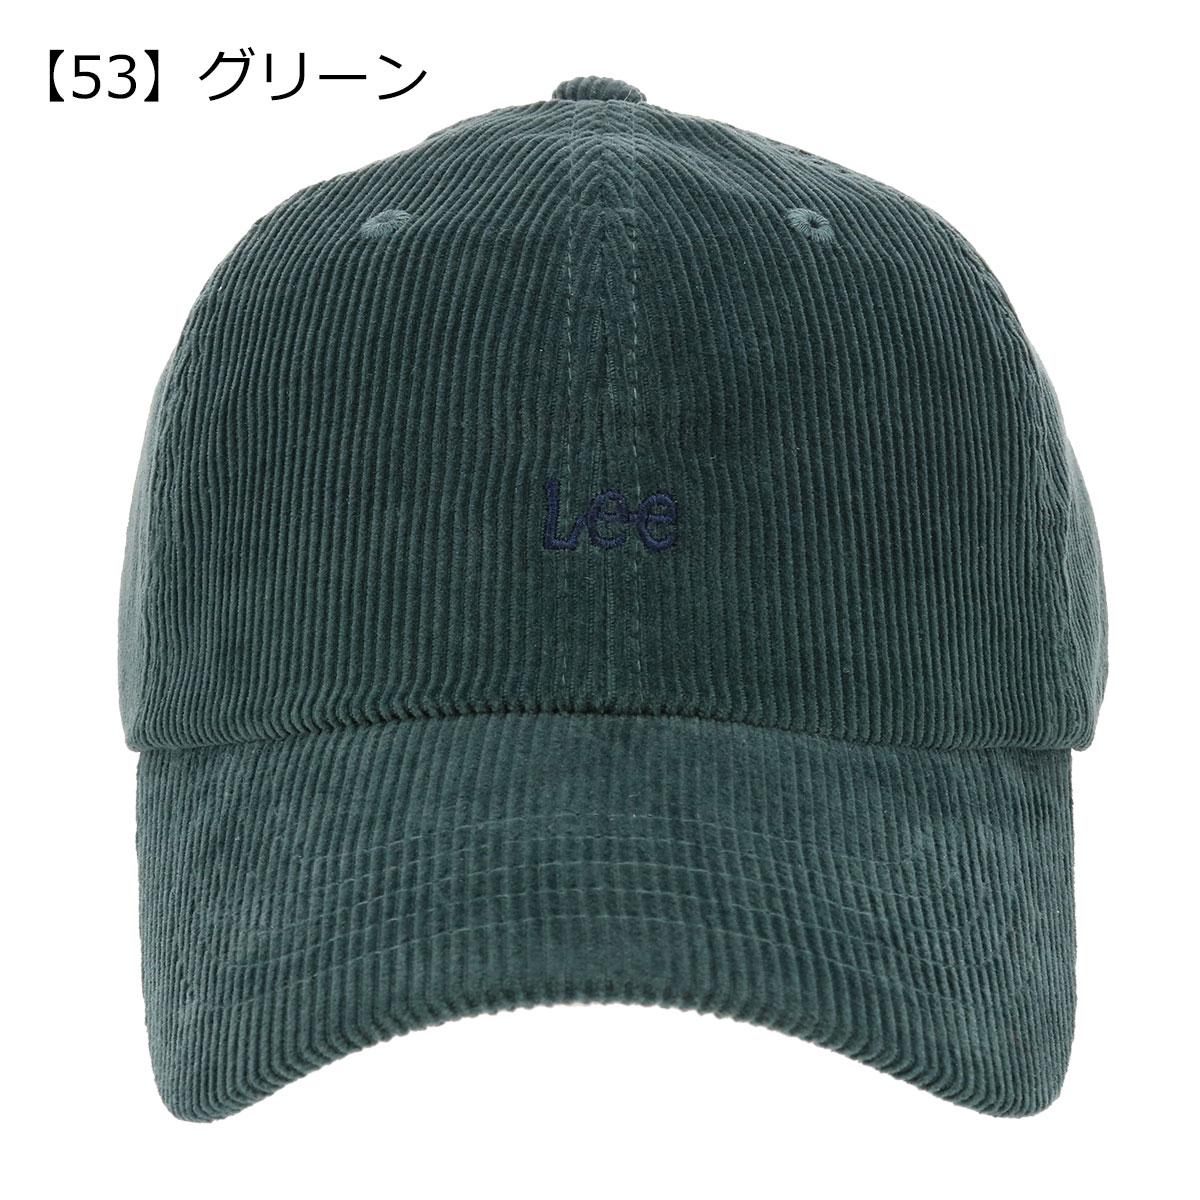 【53】グリーン